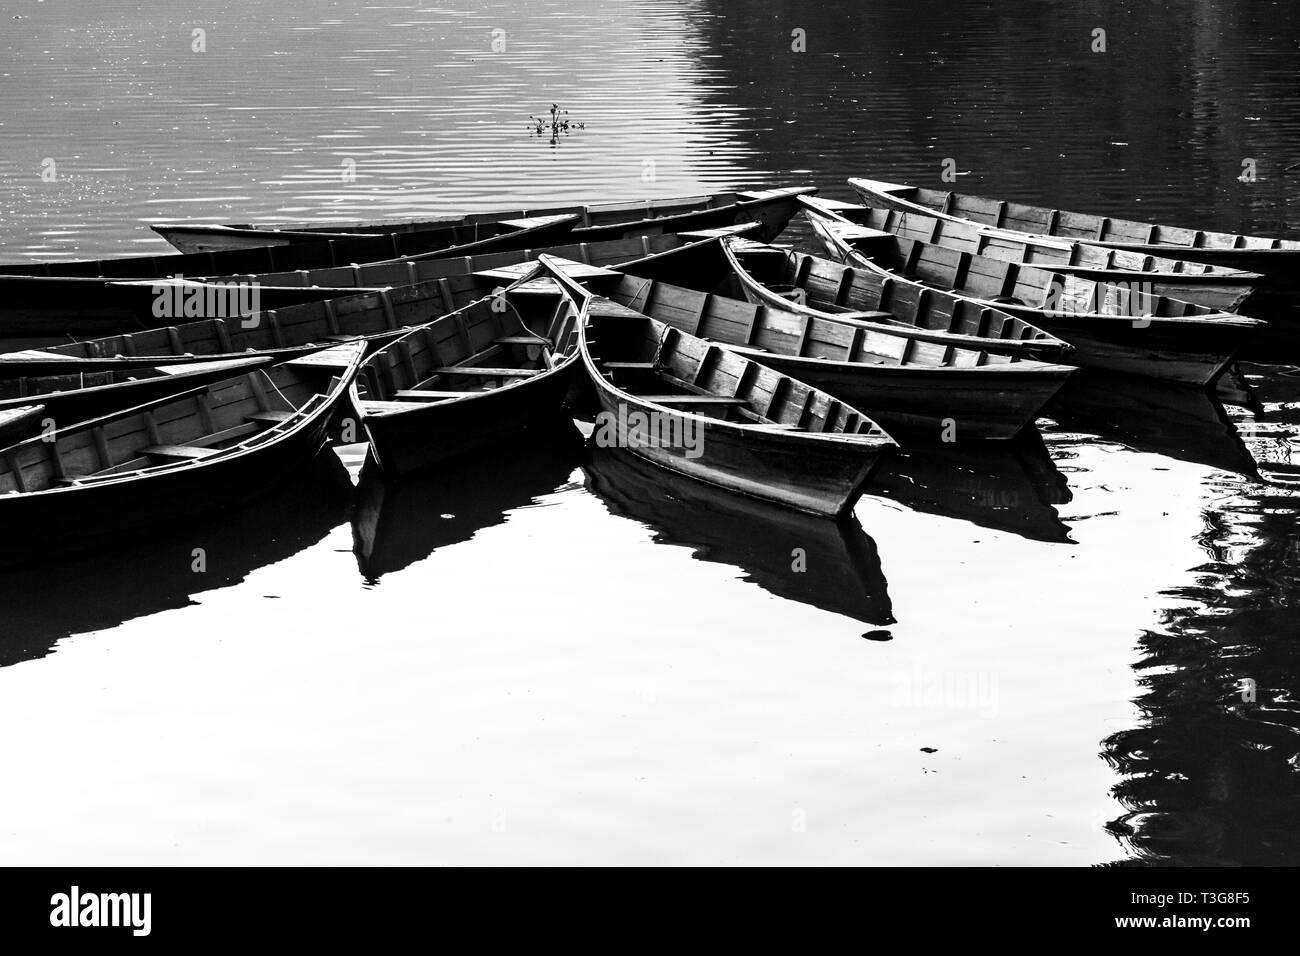 Boats on Phewa lake, Pokhara, Nepal. Black and white image - Stock Image